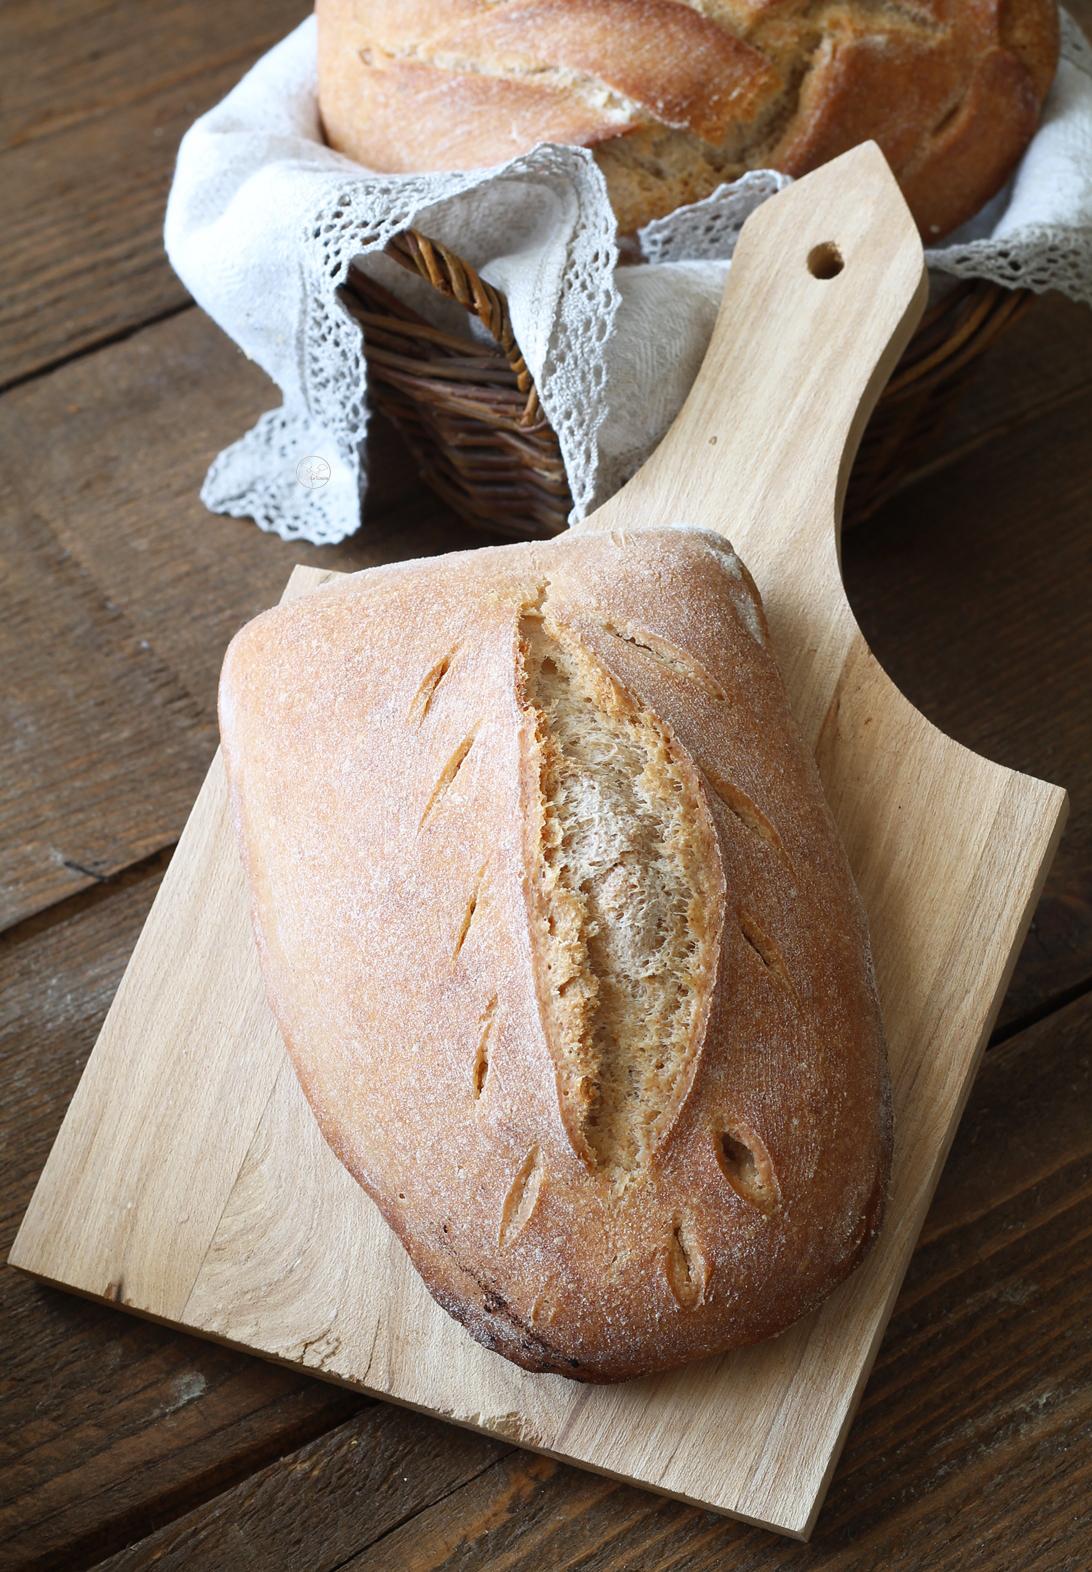 Languette-feuille senza glutine- La Cassata Celiaca